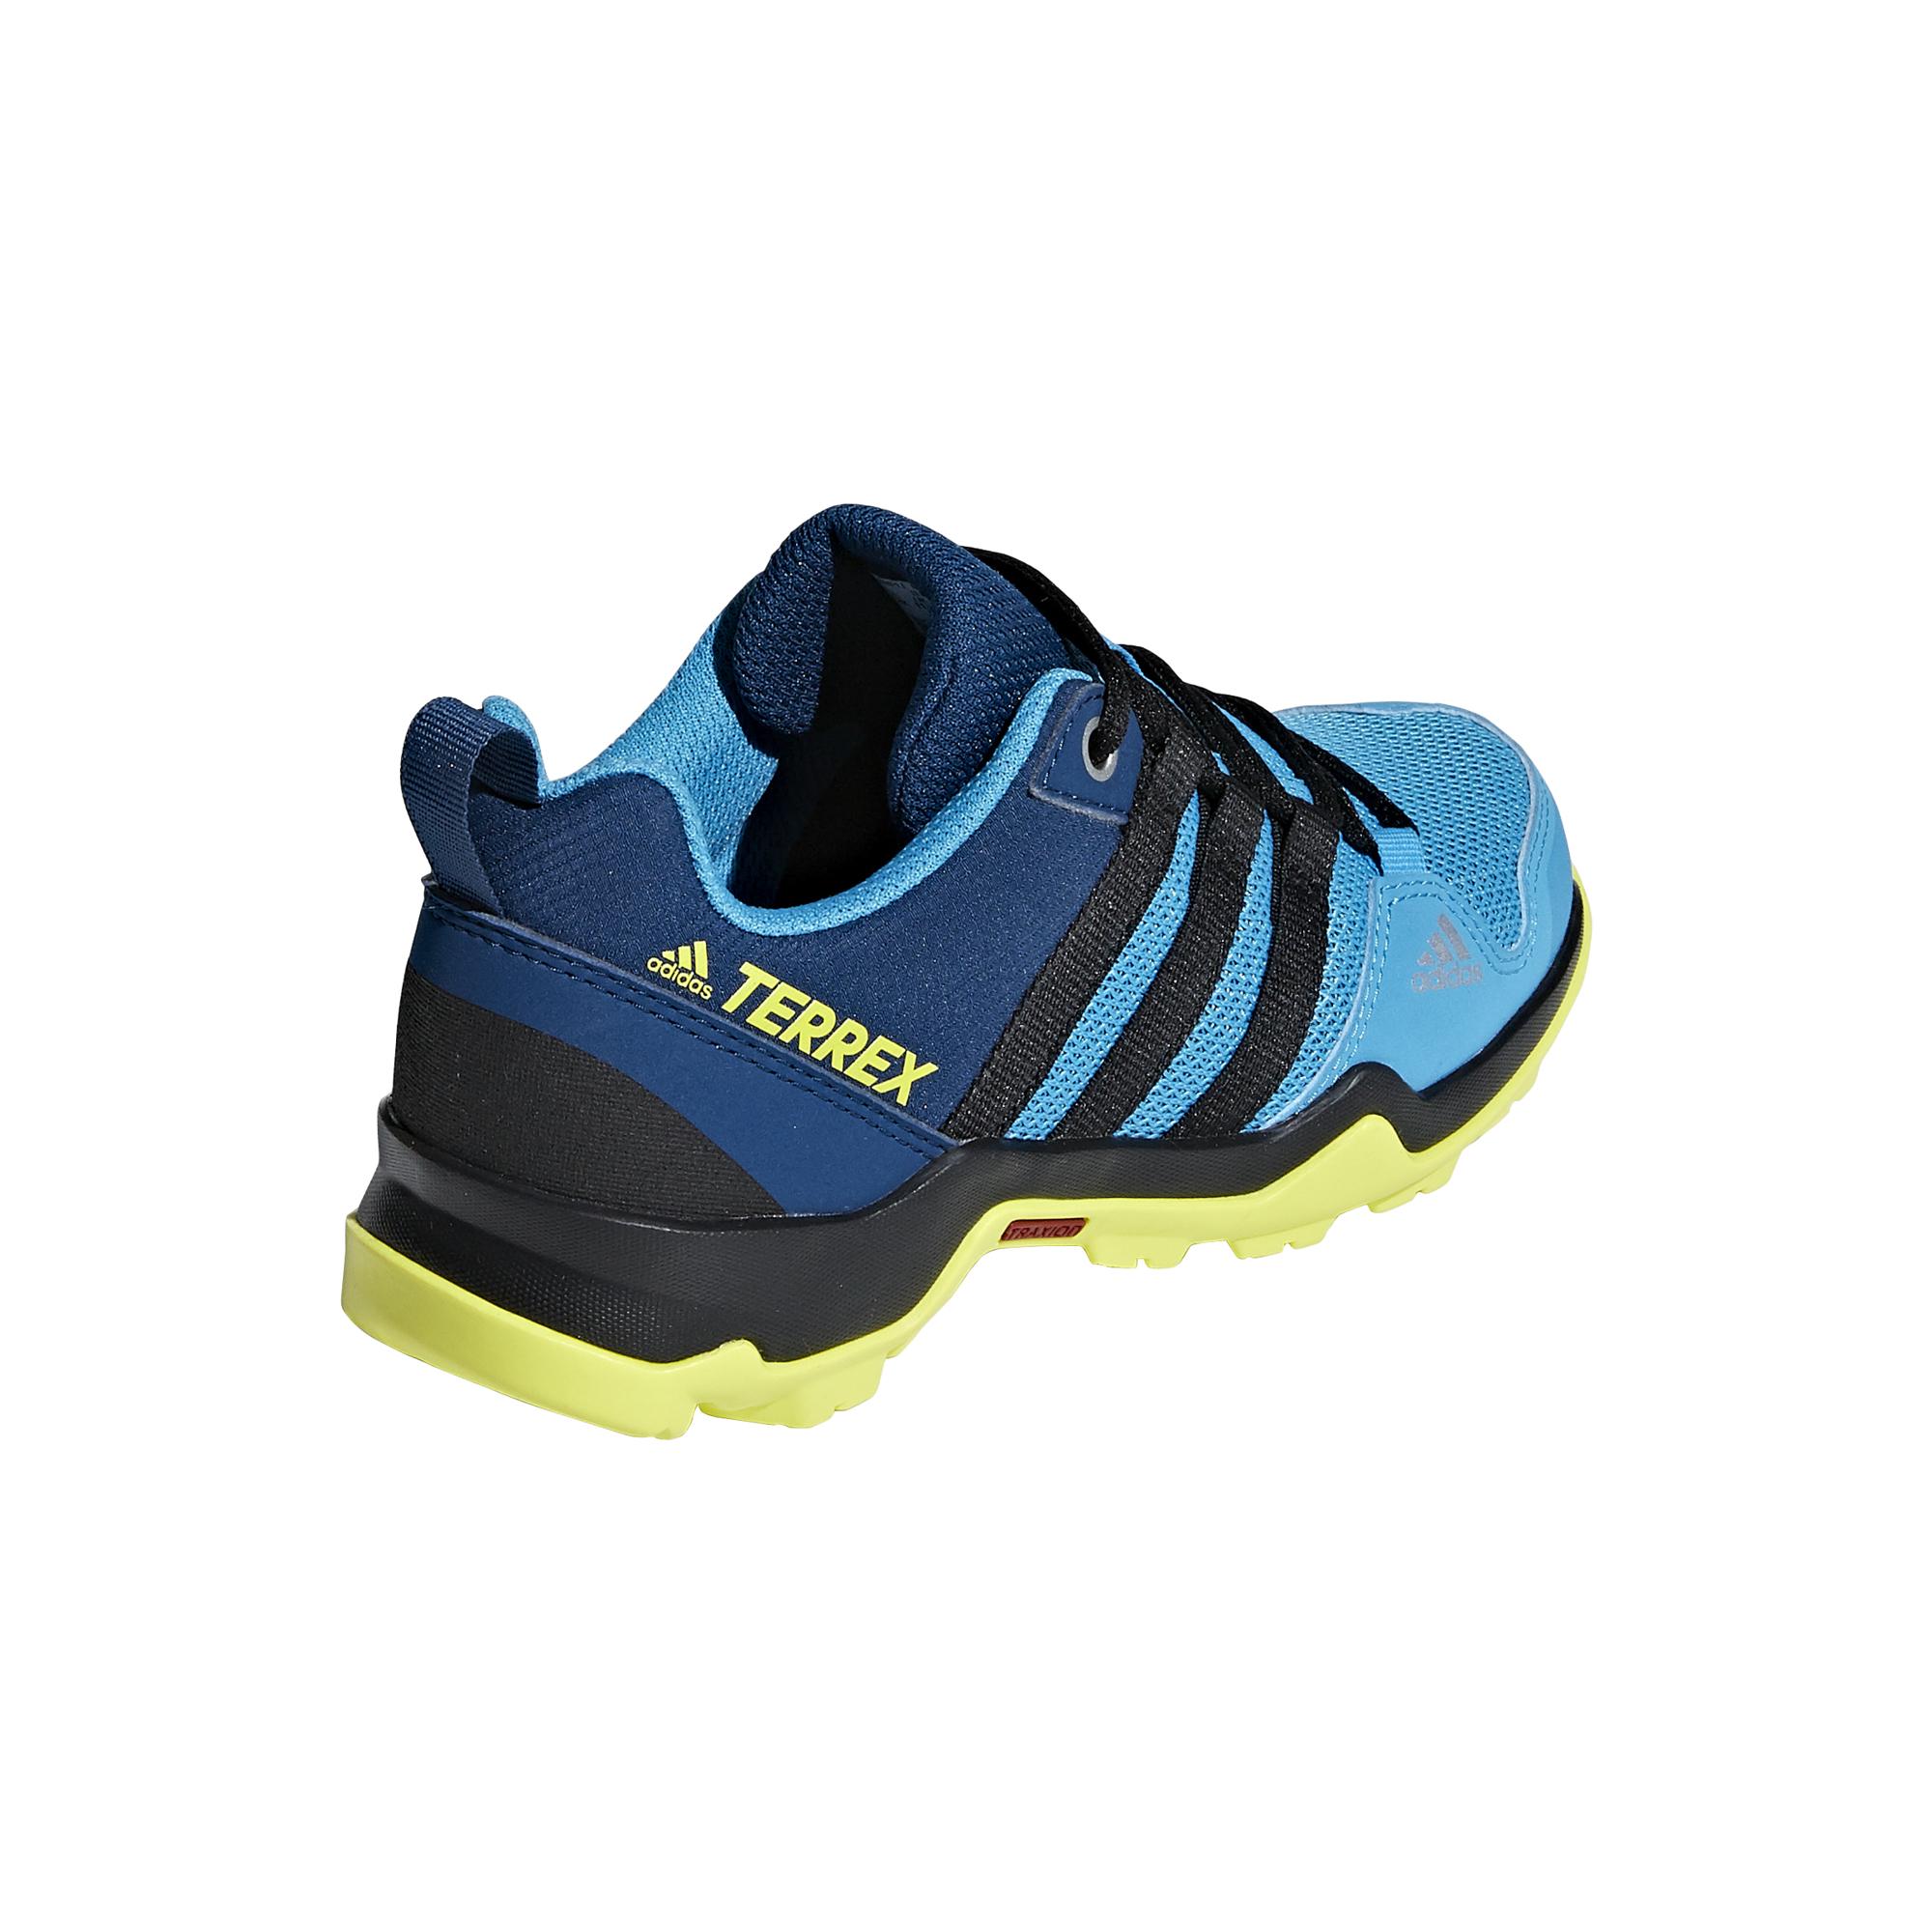 Buty sportowe męskie Adidas terrex niebieskie z tworzywa